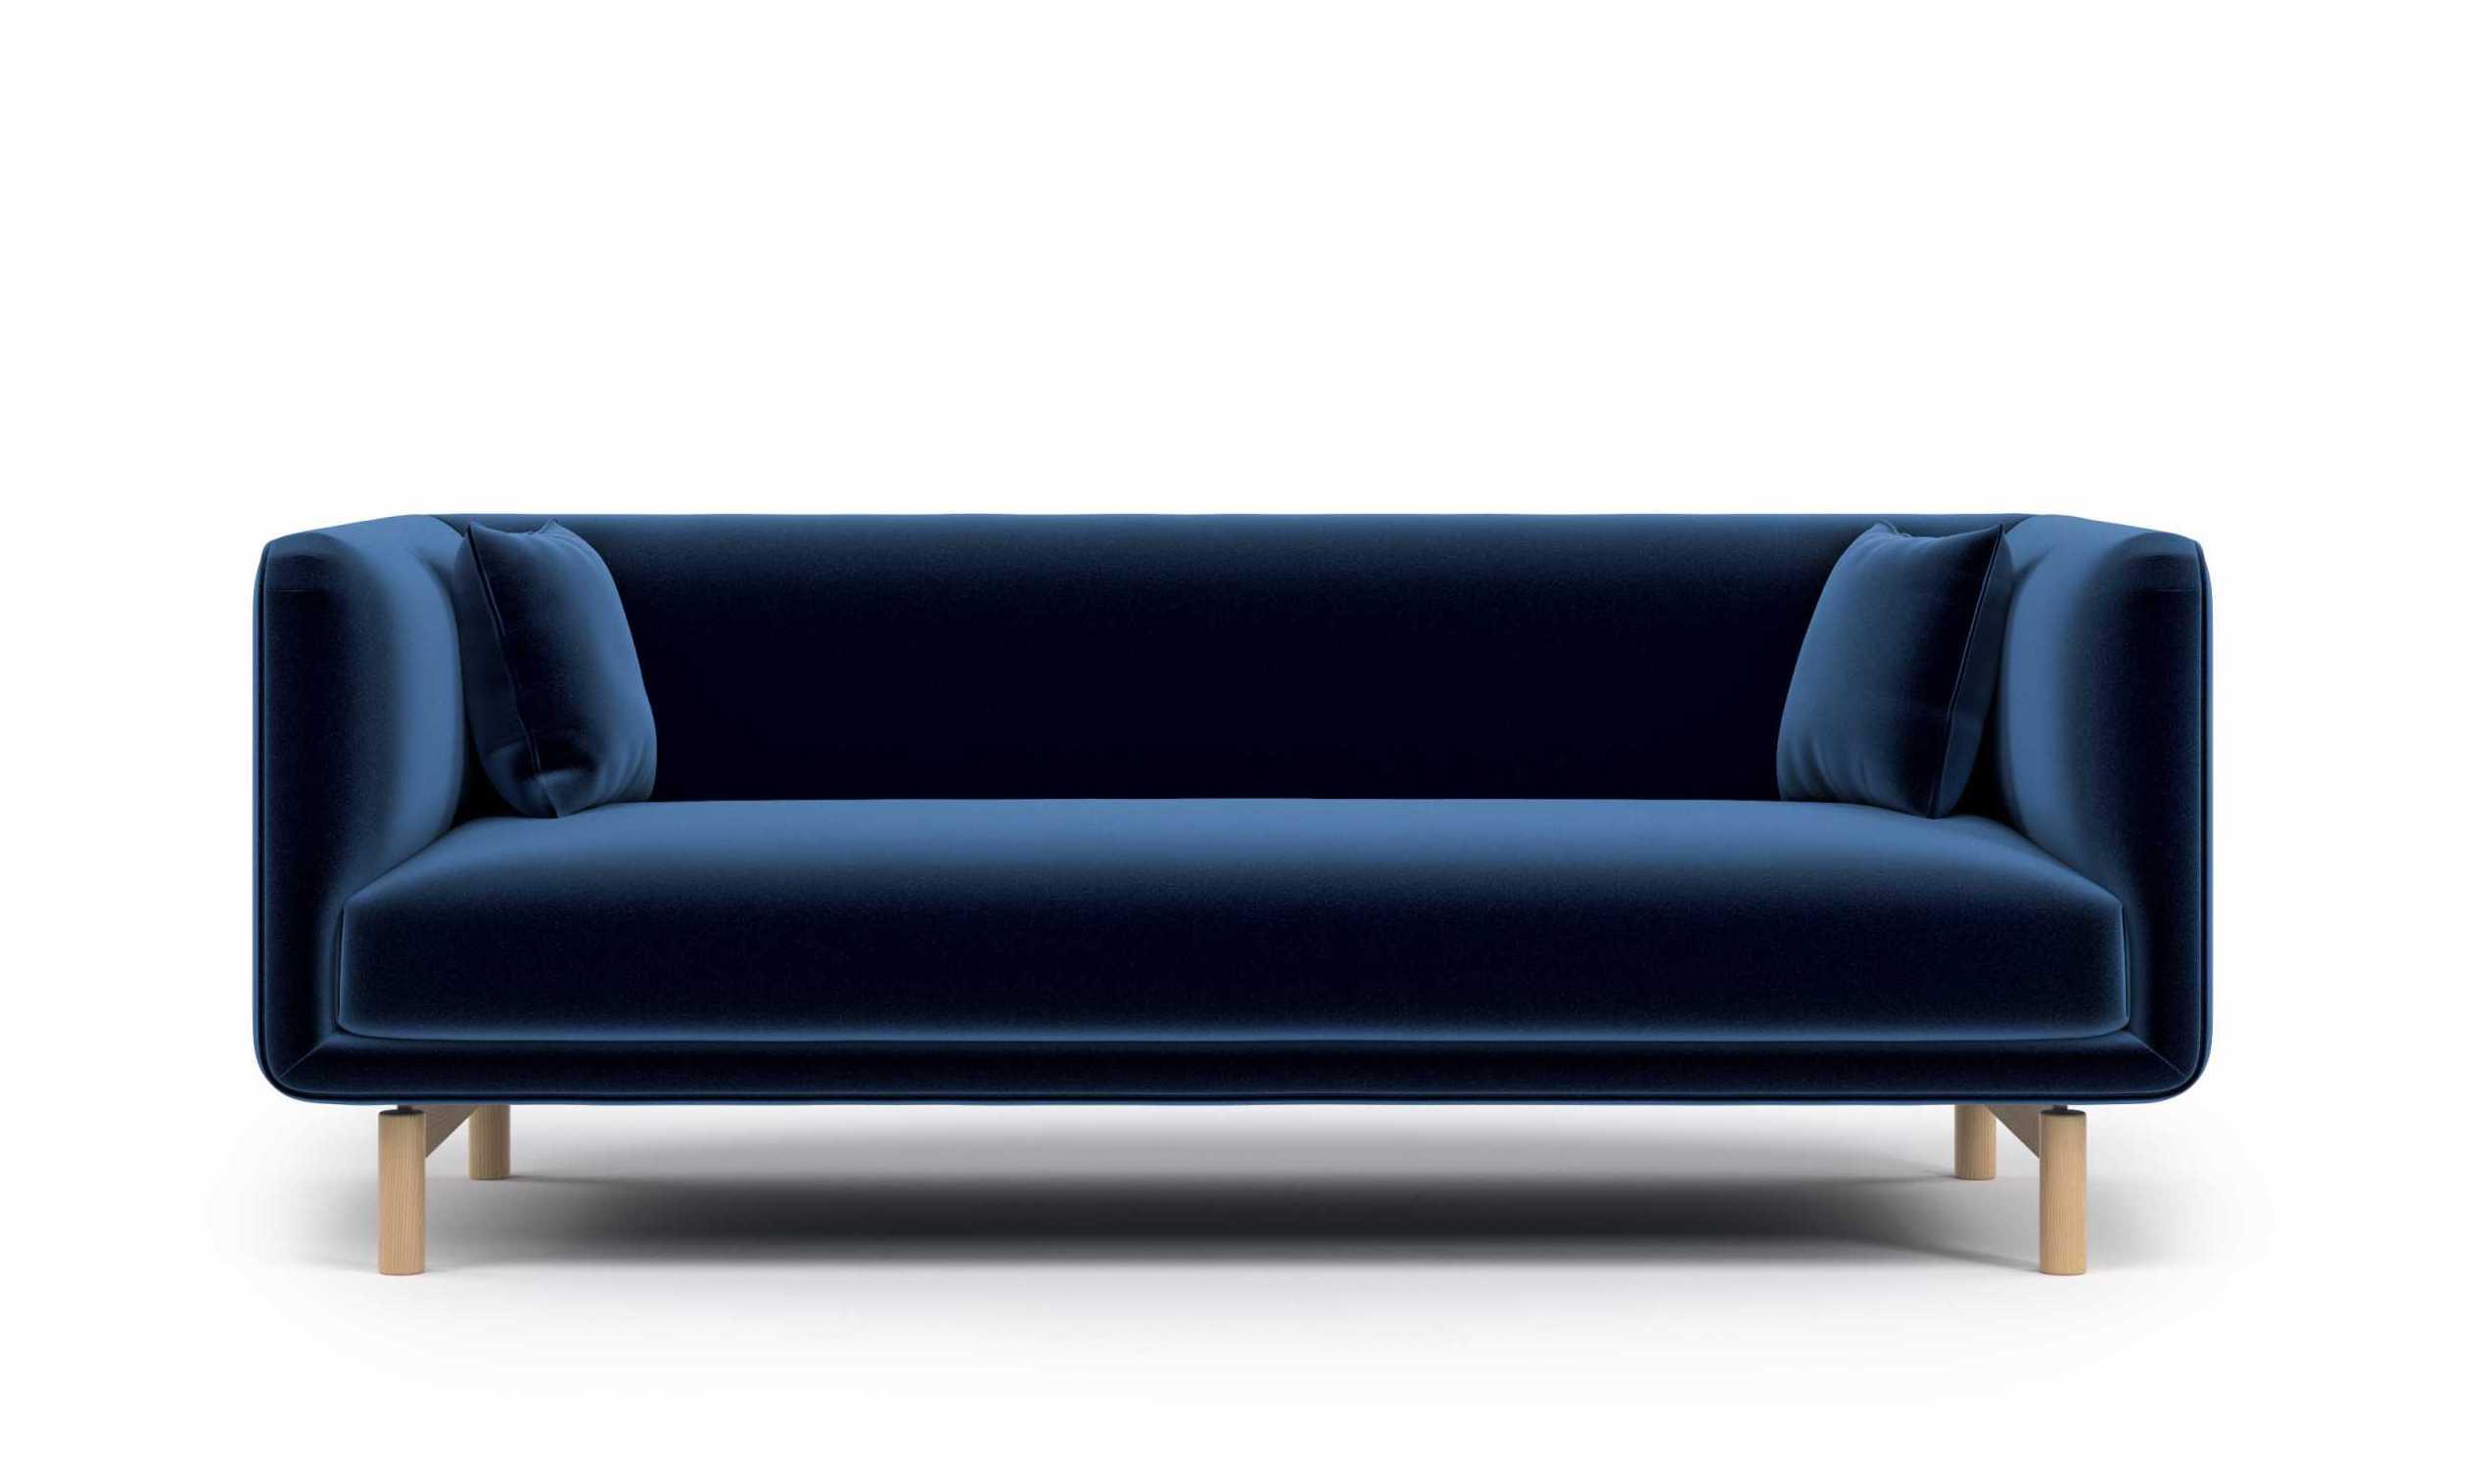 Home Decor In Miami Interior Design Trend Bold Colored Sofas Elysium Home